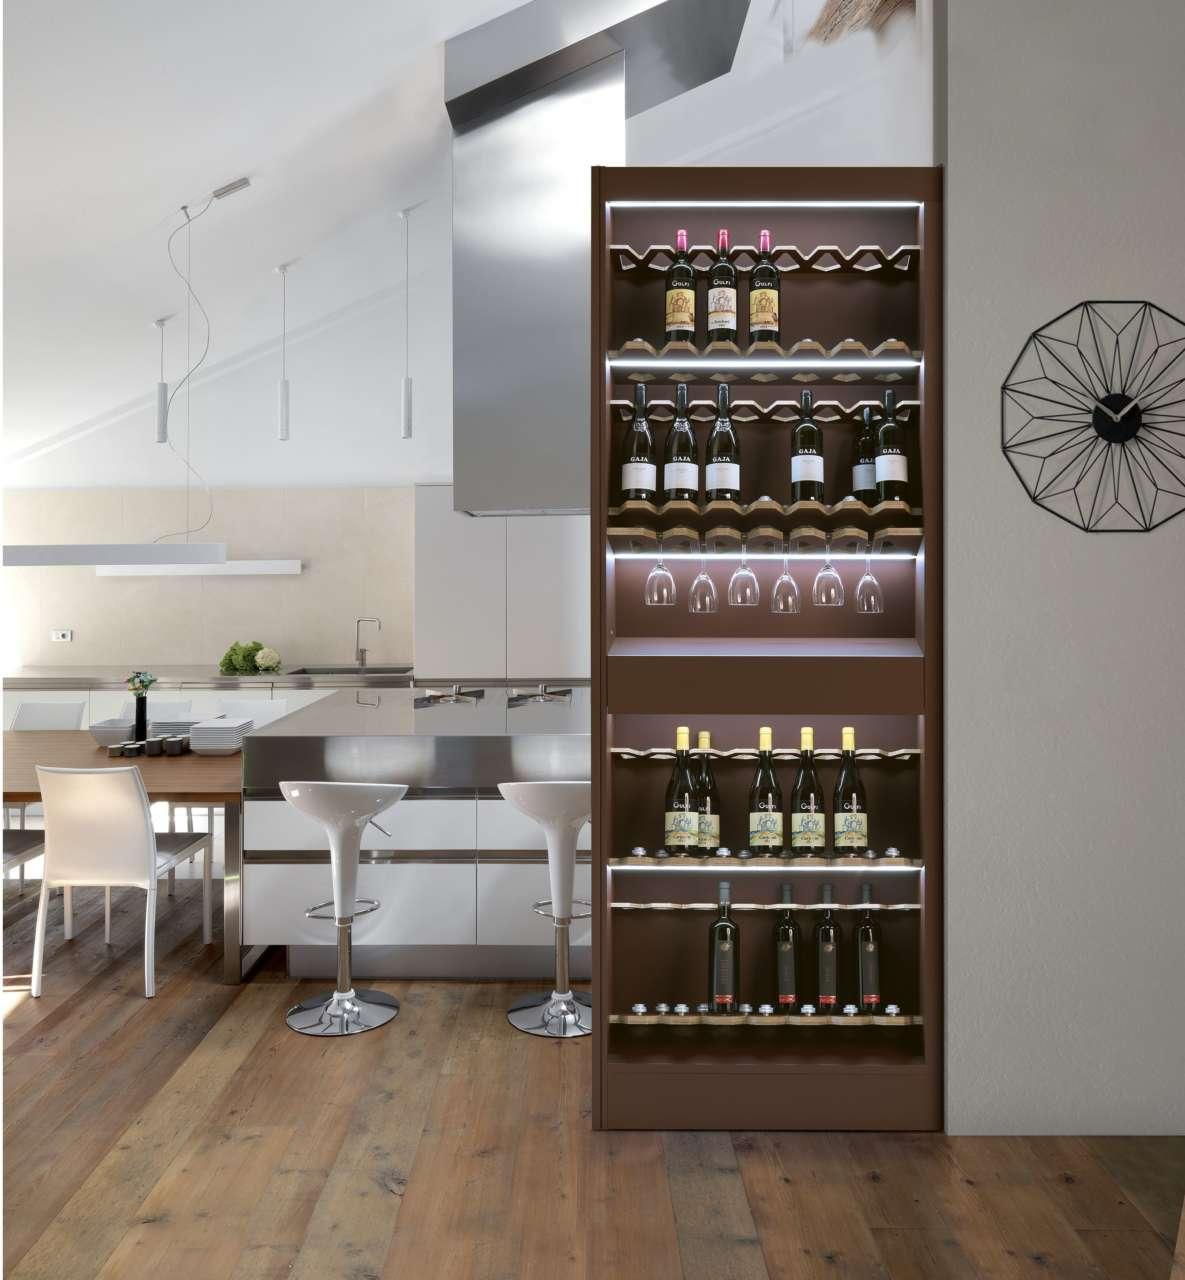 Cucine A Muro Foto bigfoot®, i complementi d'arredo a scomparsa nella parete